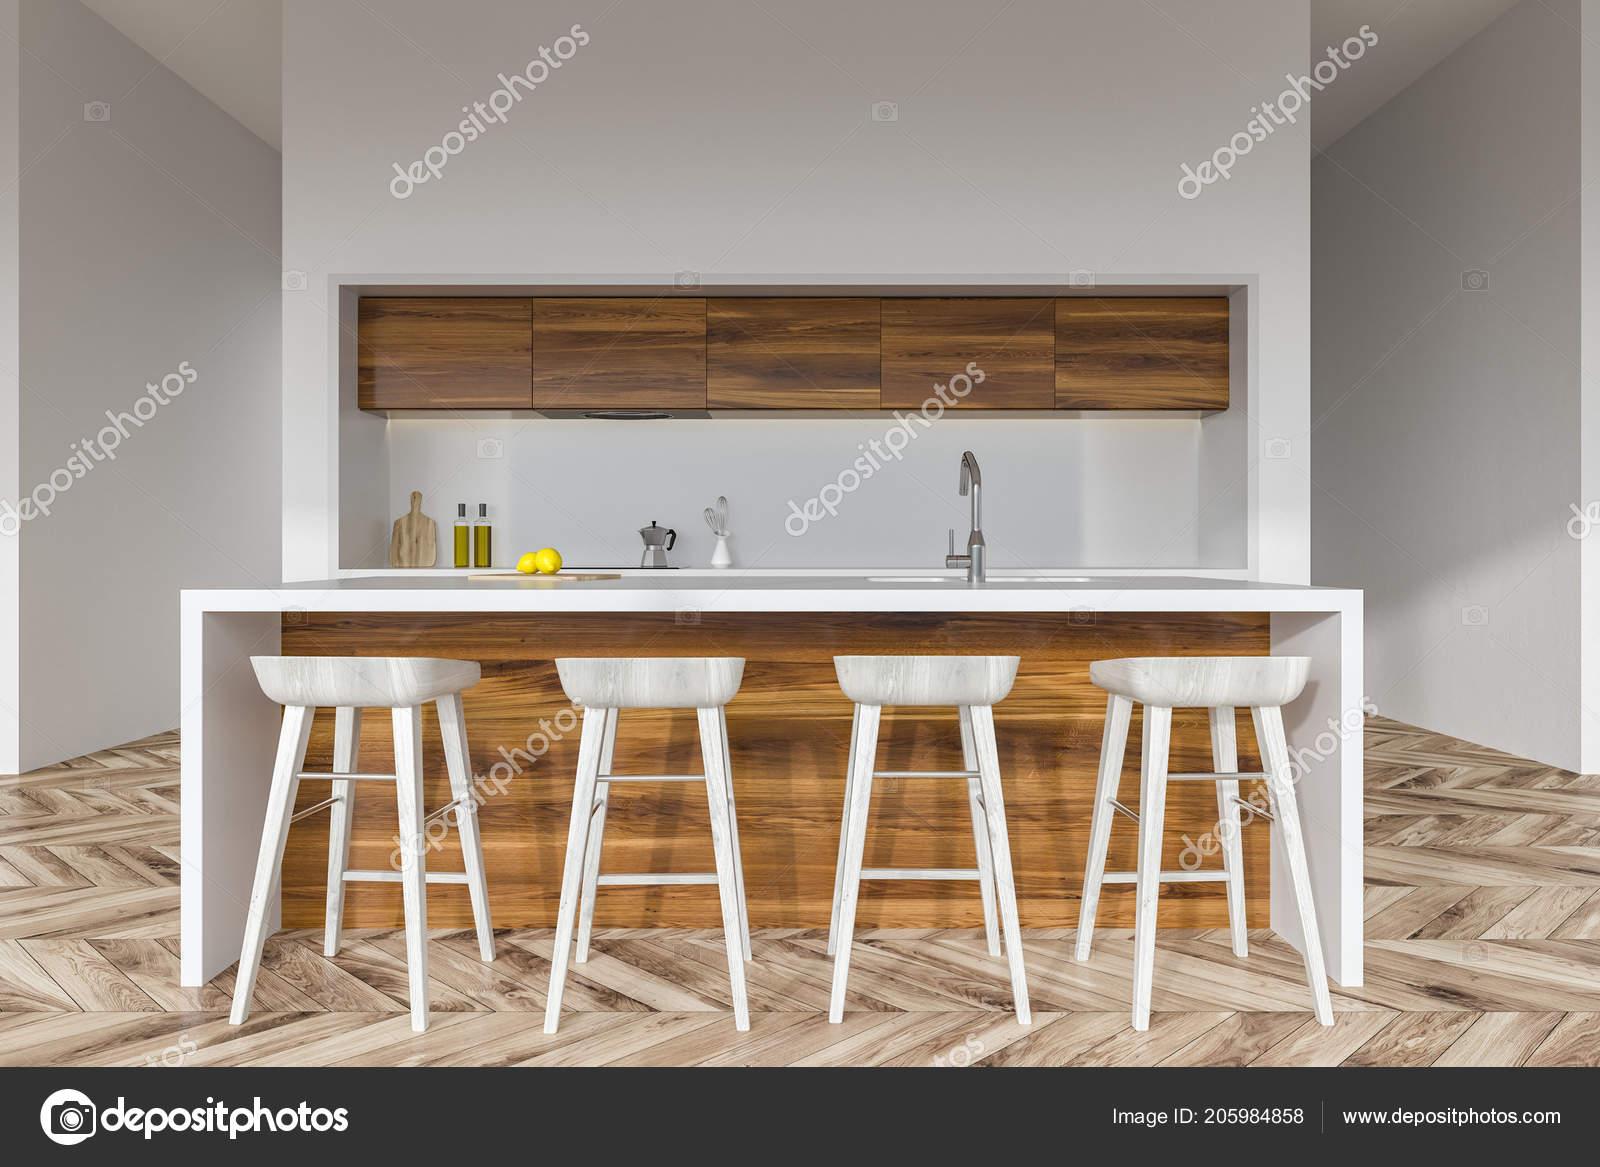 Cucina legno bianco decapato tavolo legno bianco idee di